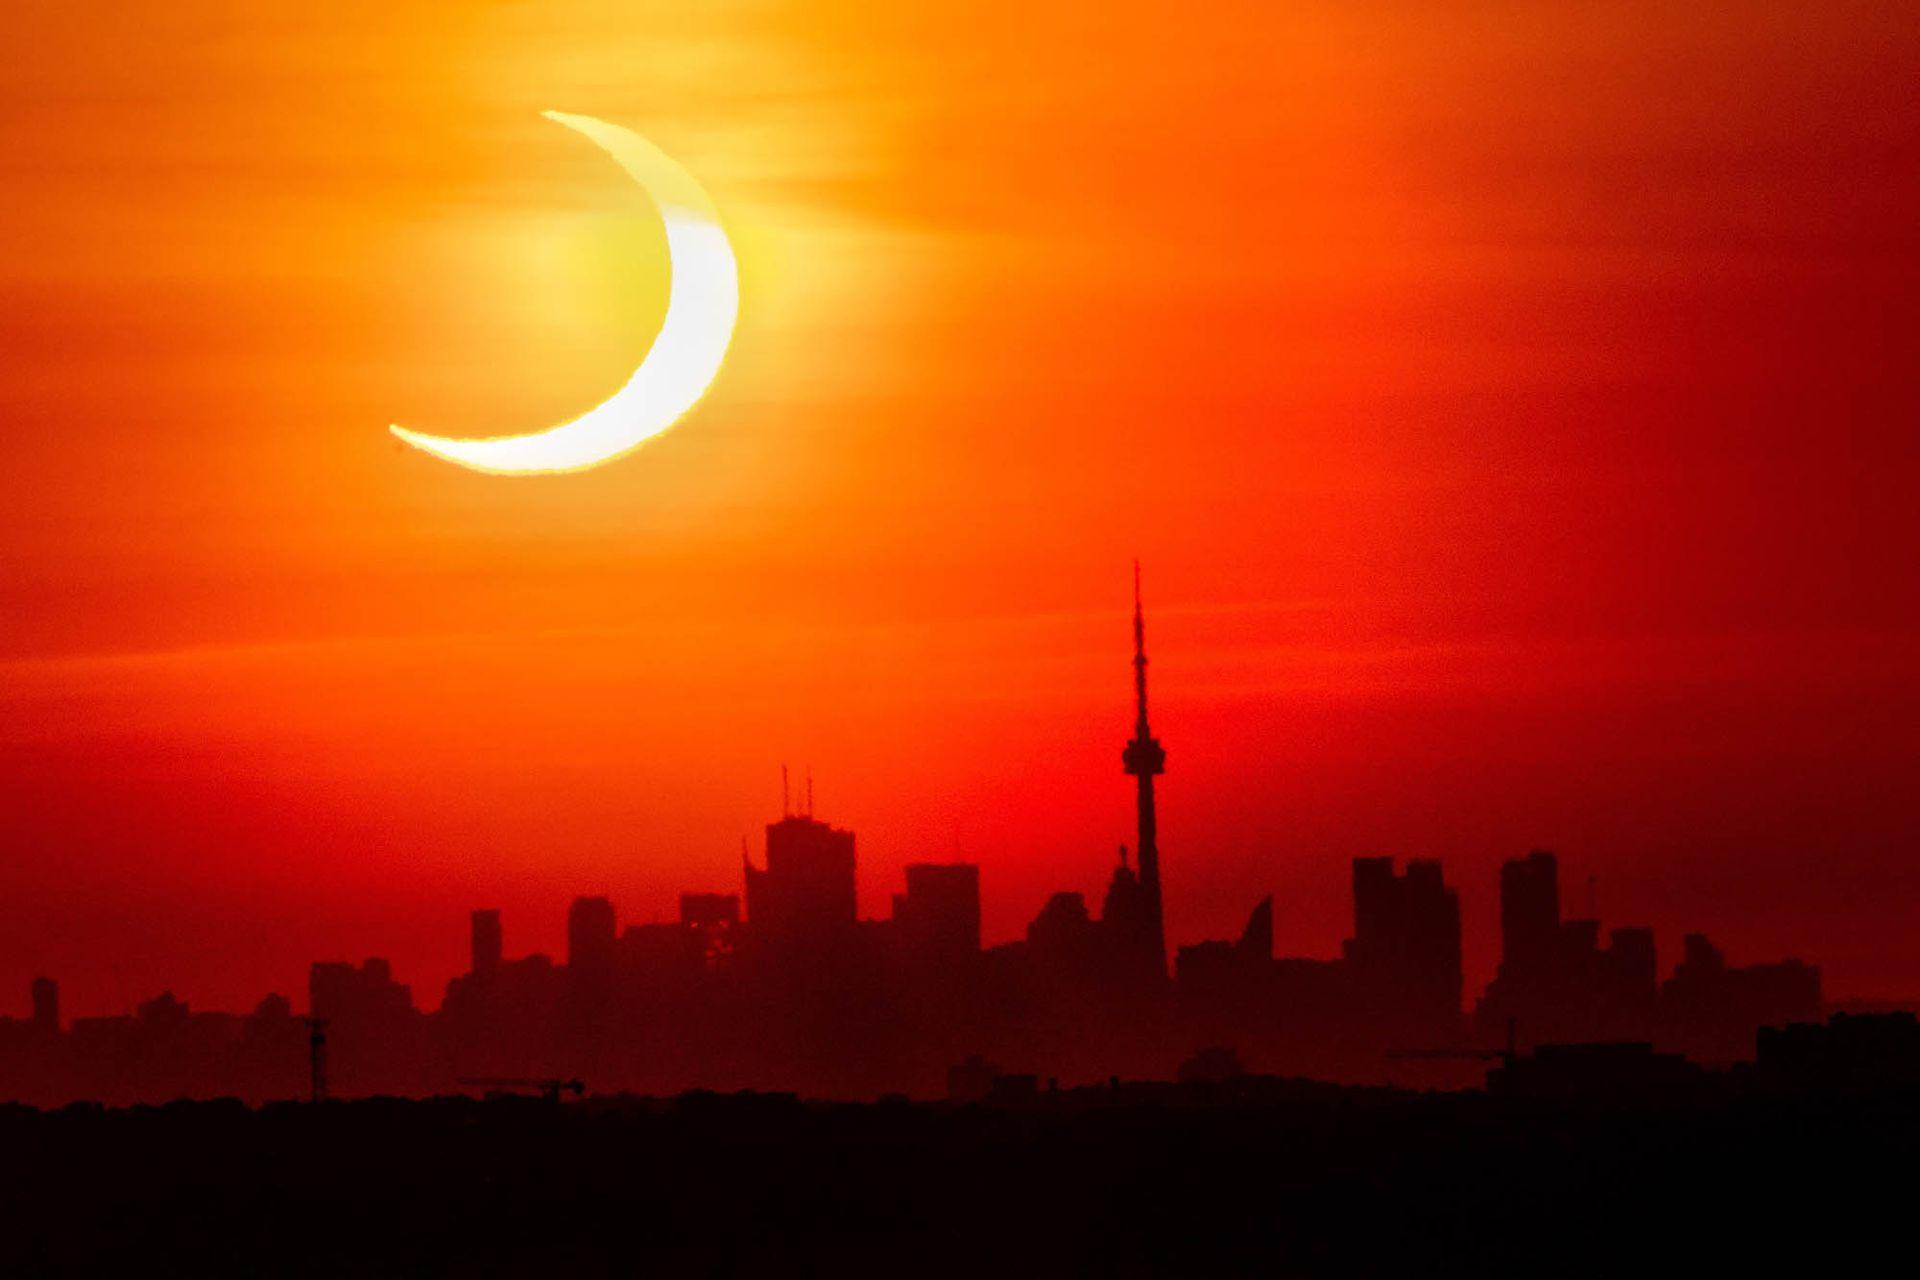 Un espectáculo reservado para los pocos habitantes de las latitudes más altas, que se encuentran justo en el eje: noroeste de Canadá, extremo norte de Rusia, noroeste de Groenlandia y Polo Norte, donde la ocultación del disco solar será de 87,8%, precisó el Observatorio de Paris-PSL.